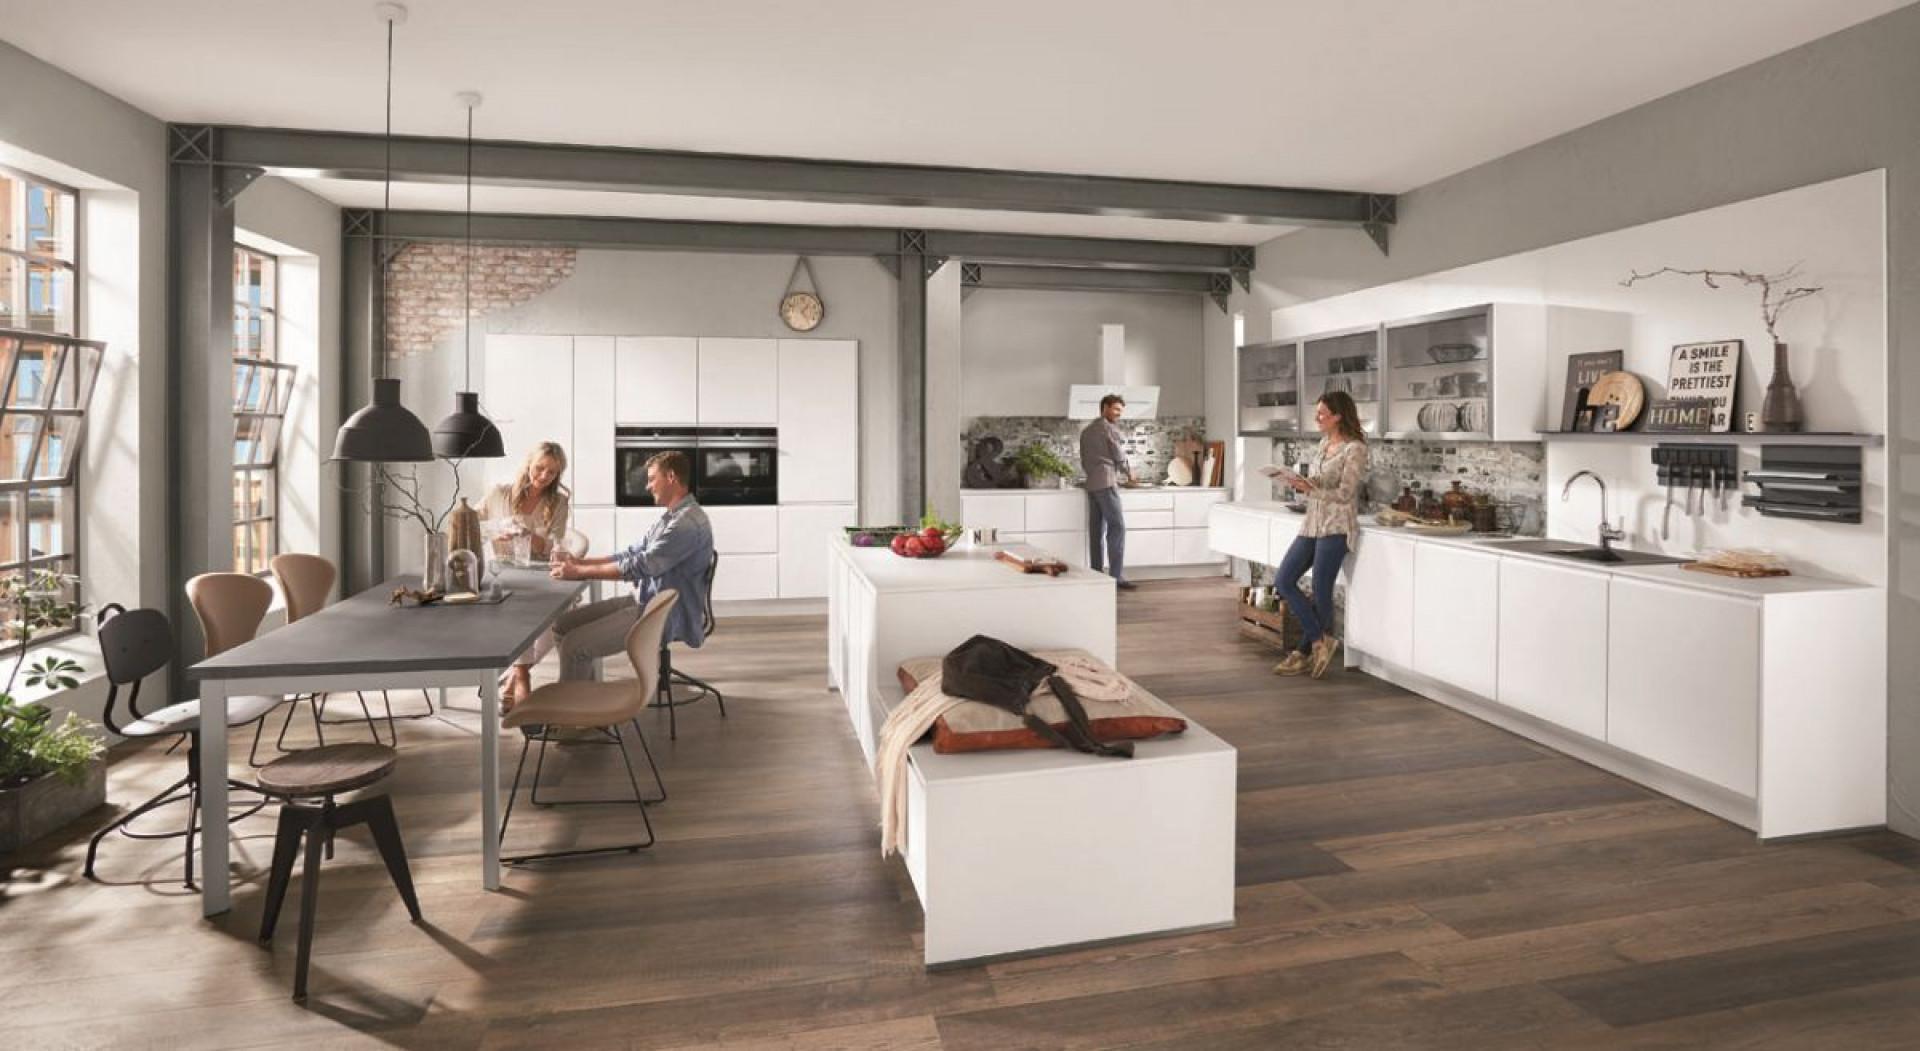 W kuchni Inline marki Verle Kuchen uwagę zwracają szklane witryny nadające zabudowie lekkości. Fot. Verle Kuchen